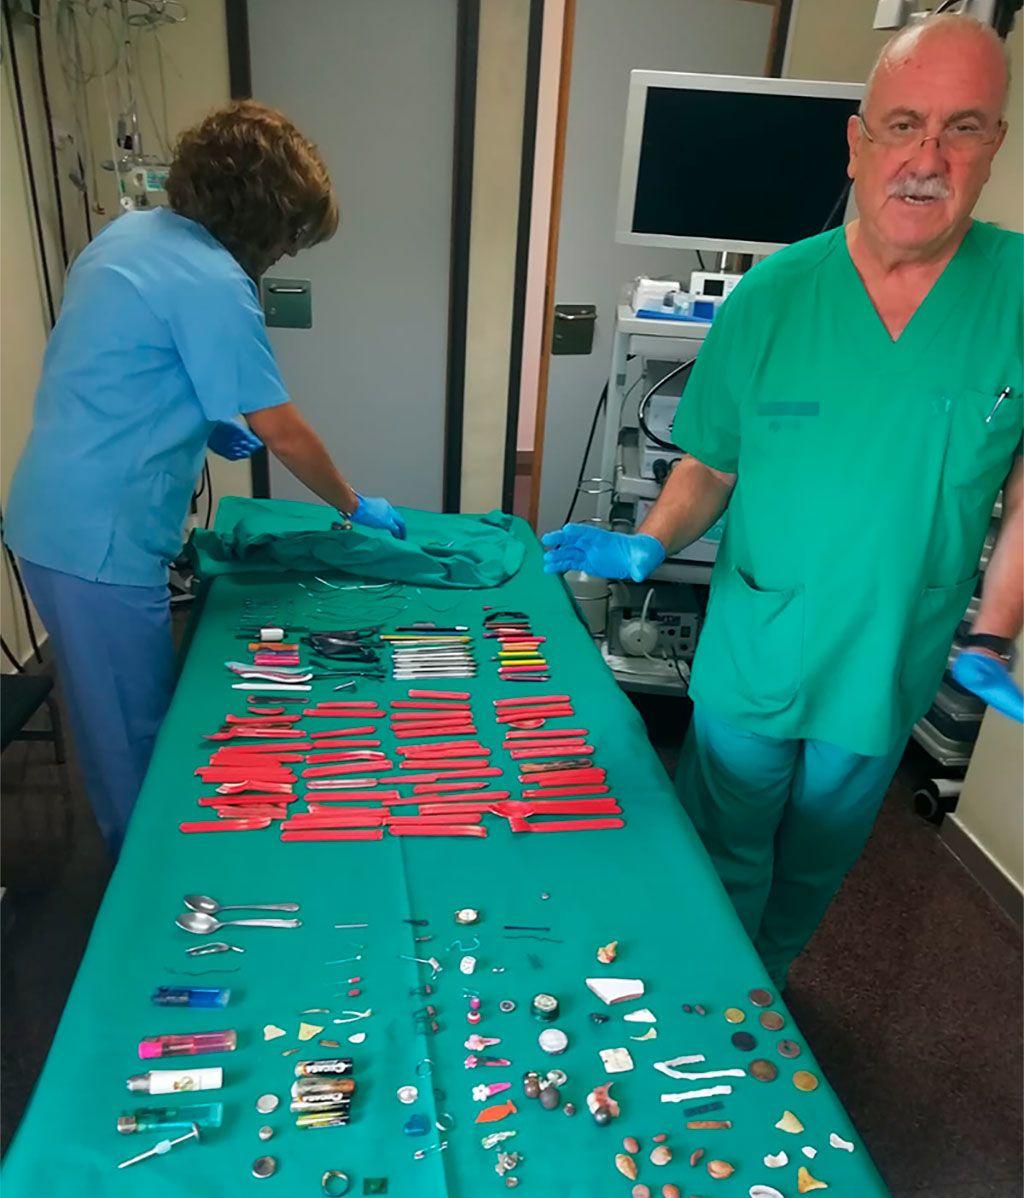 El doctor Casellas junto a objetos extraídos del estómago de sus pacientes